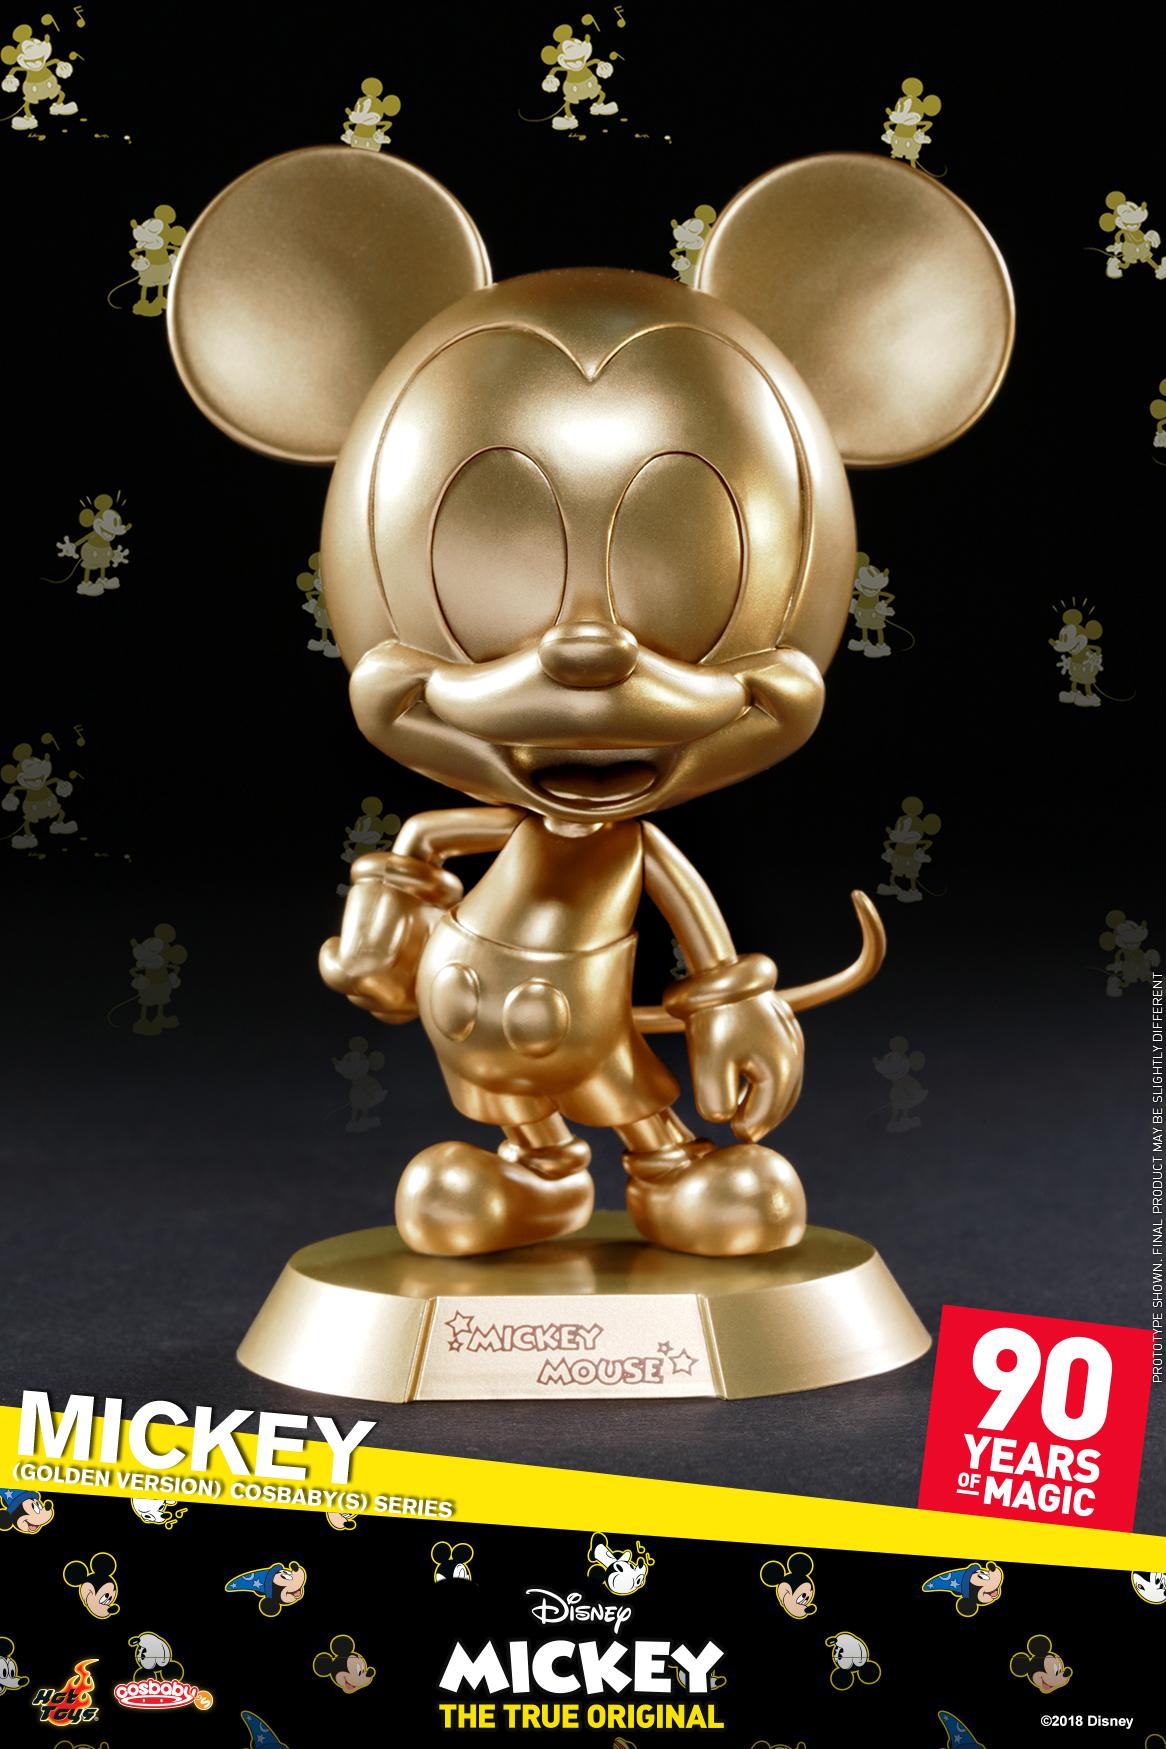 Mickey-Golden-Version_V_01